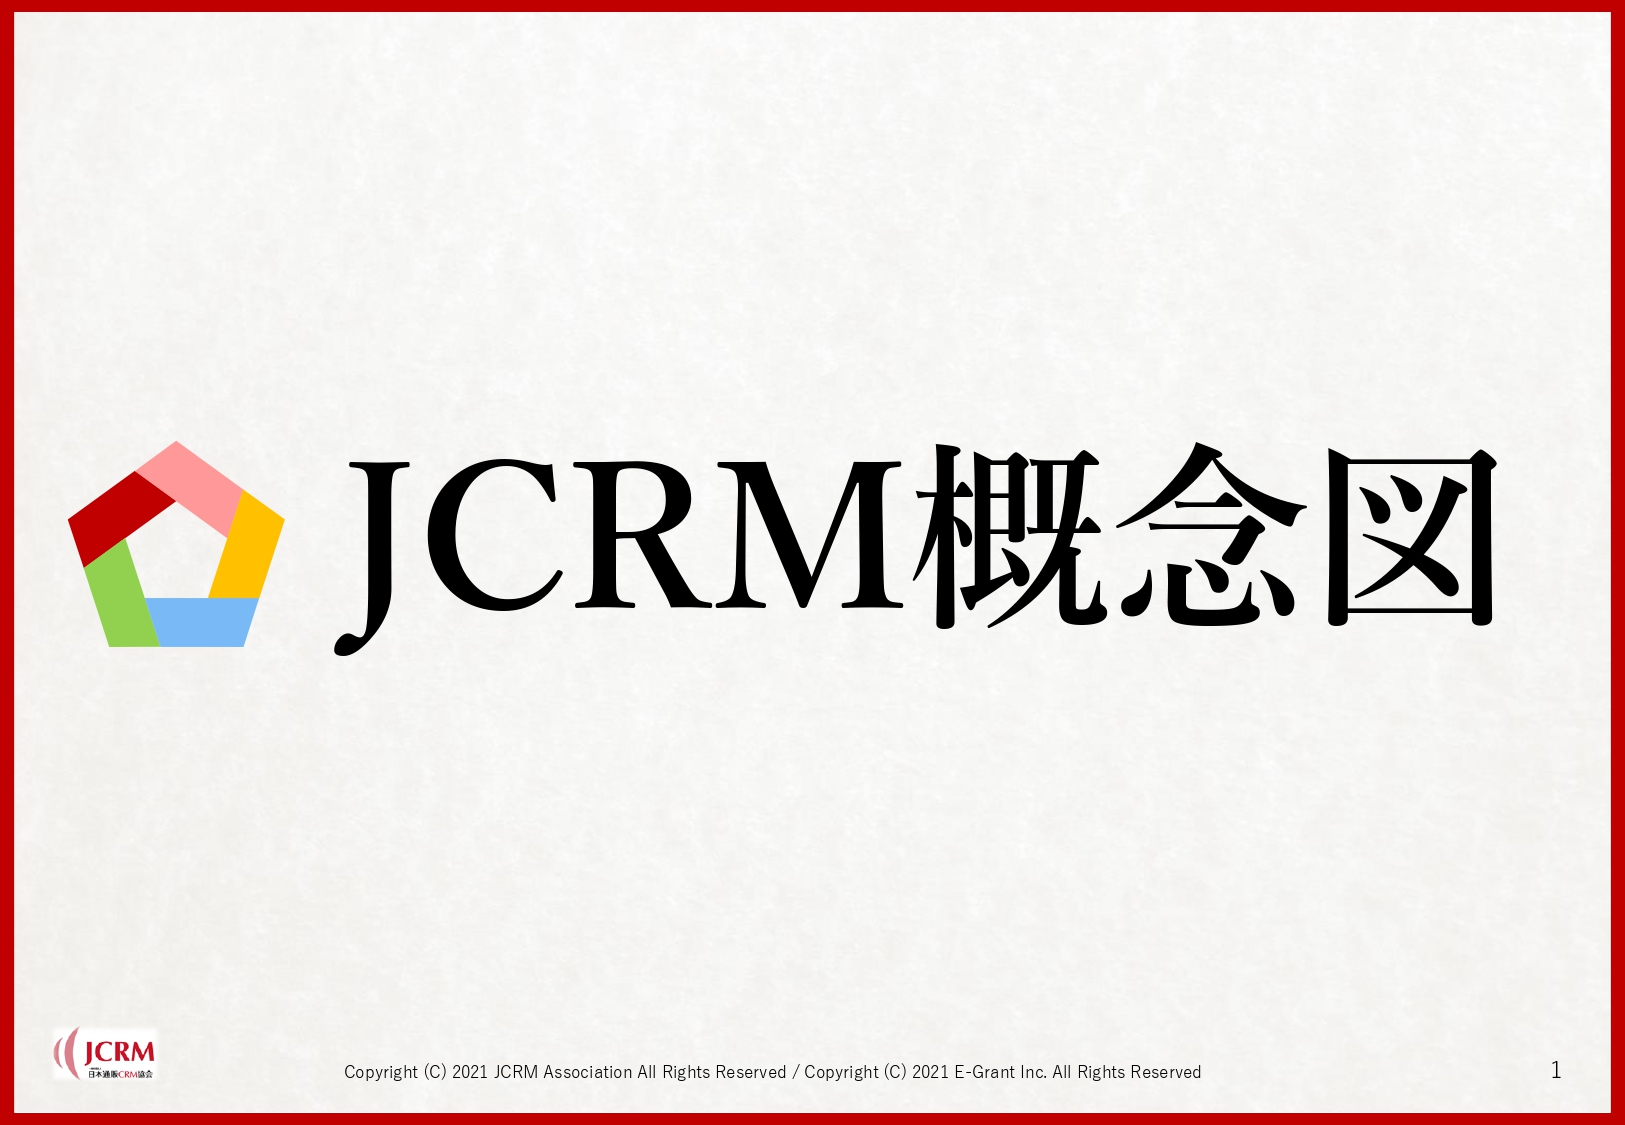 CRMからJCRMの時代へ 顧客の心を掴んで離さない関係構築のノウハウ「JCRM概念図」を特別公開